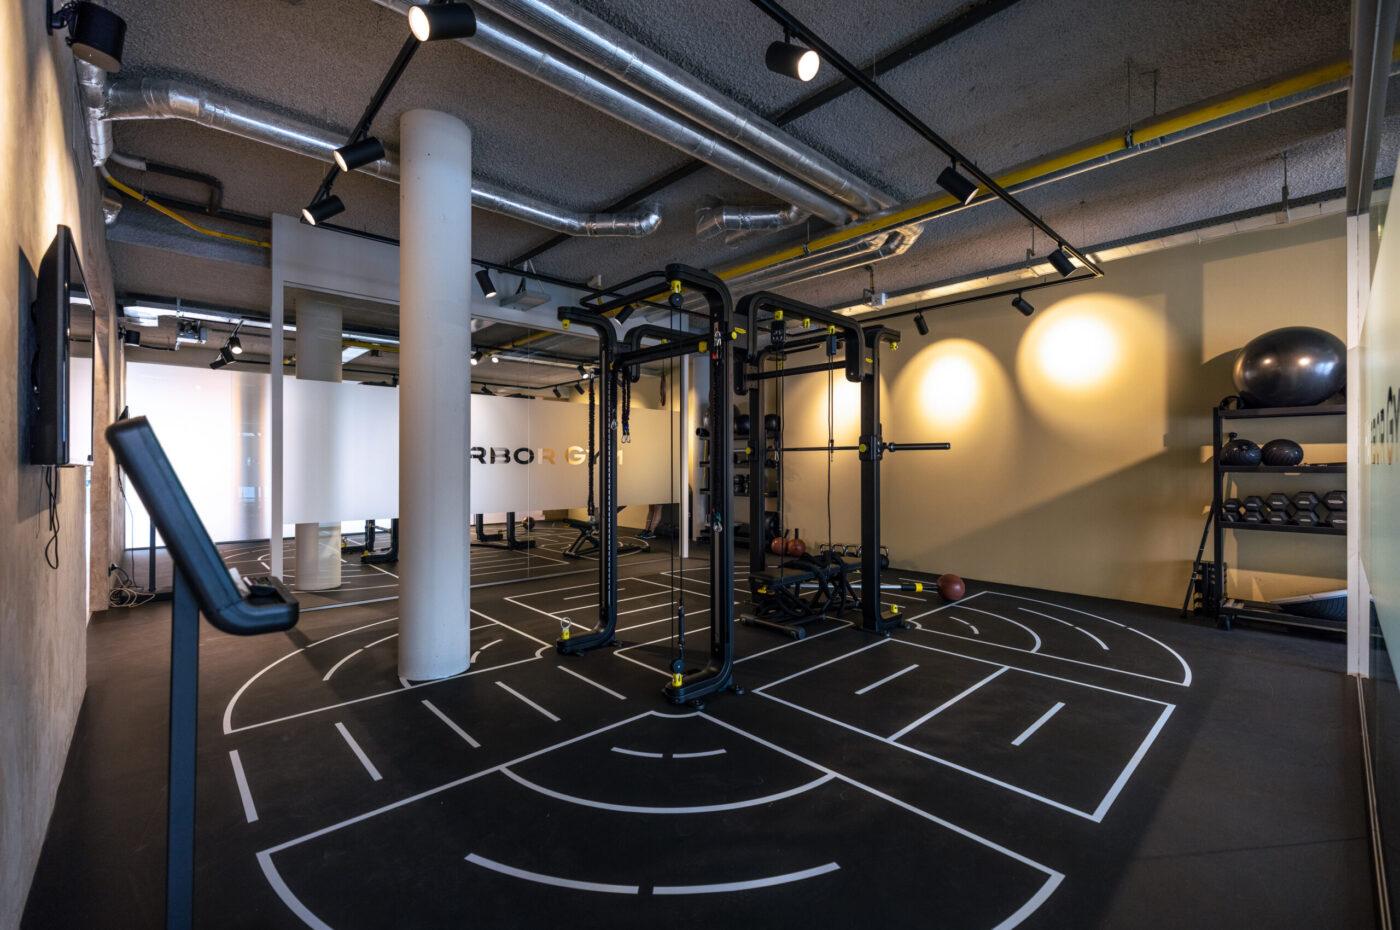 fitnessruimte bij Harbor Gym in nijmegen centrum